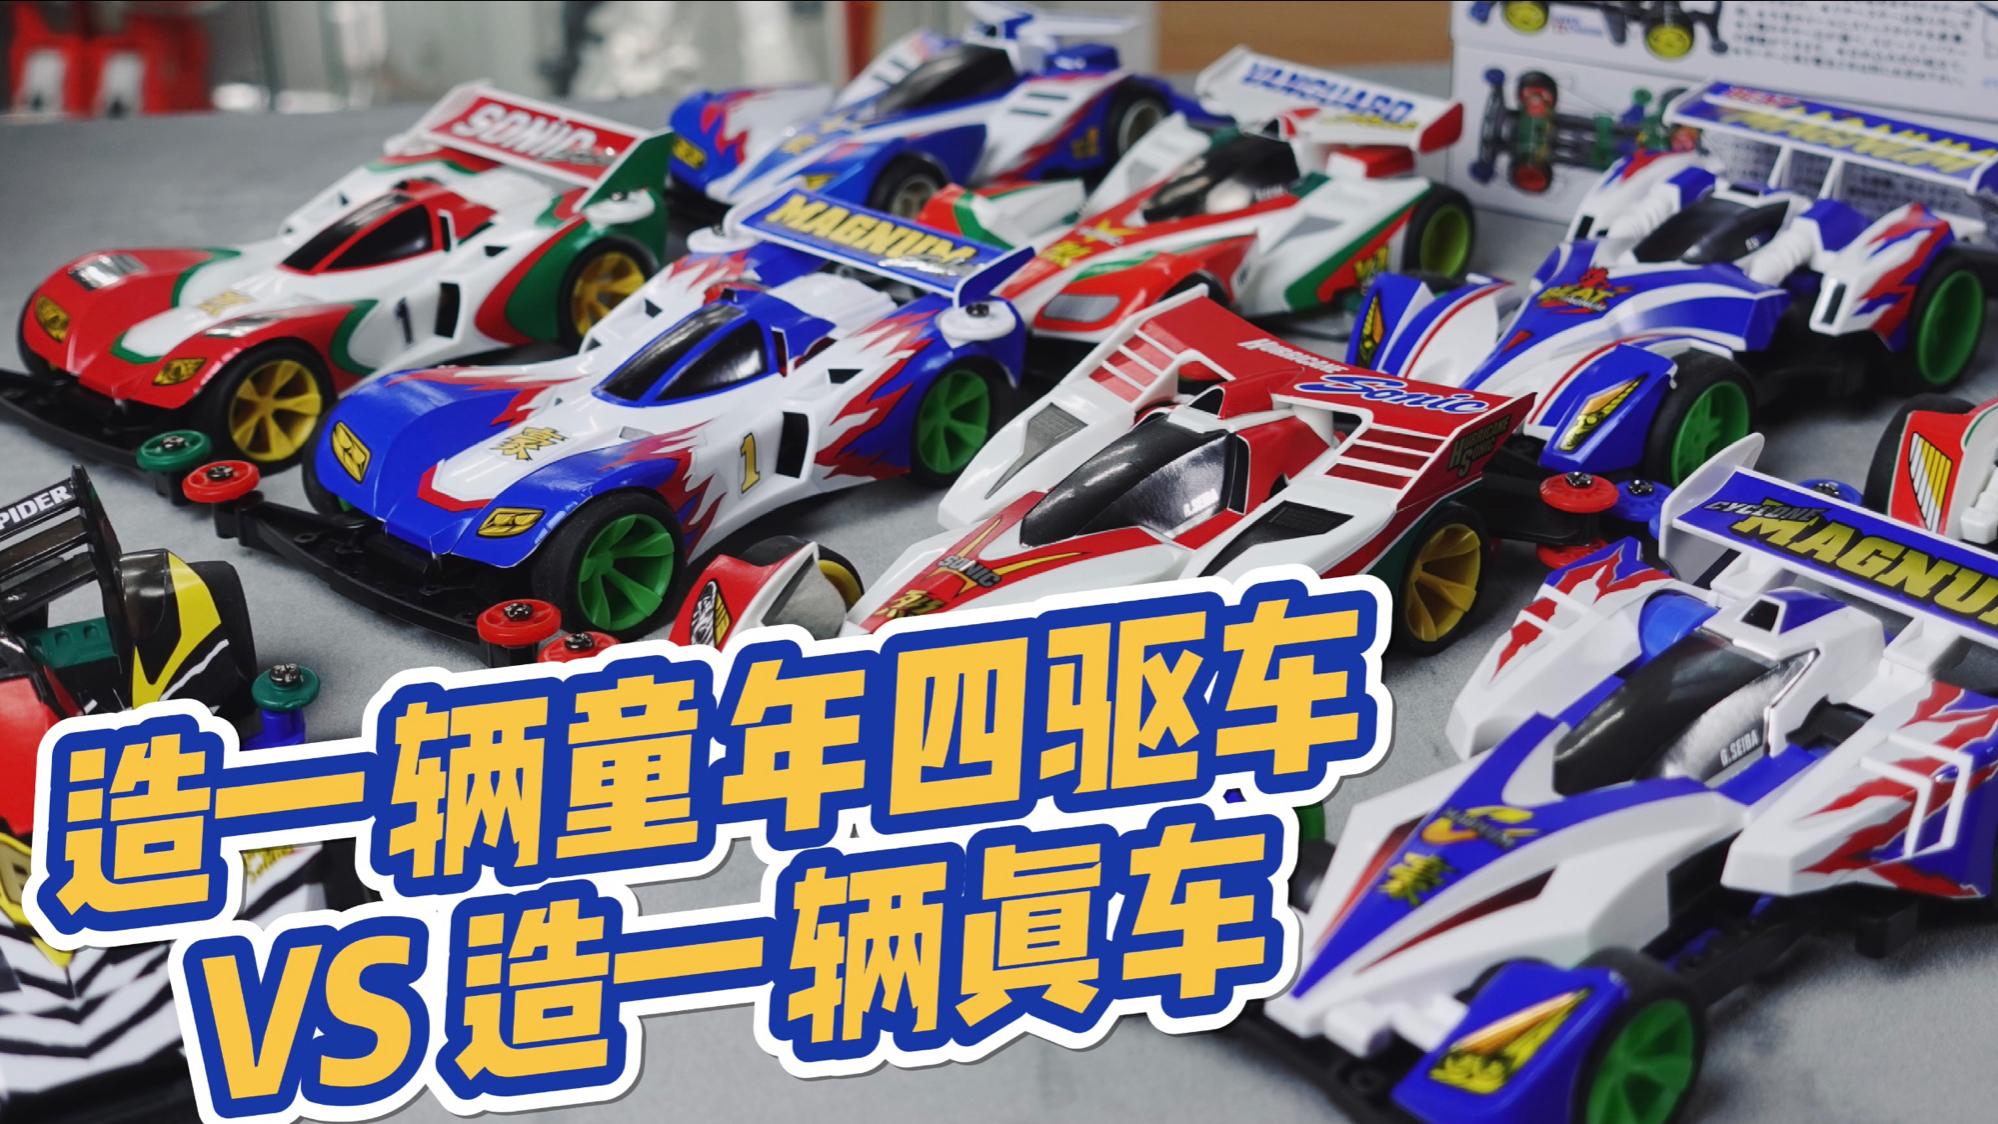 造一辆童年四驱车 VS 造一辆真车【才不是玩具呢】